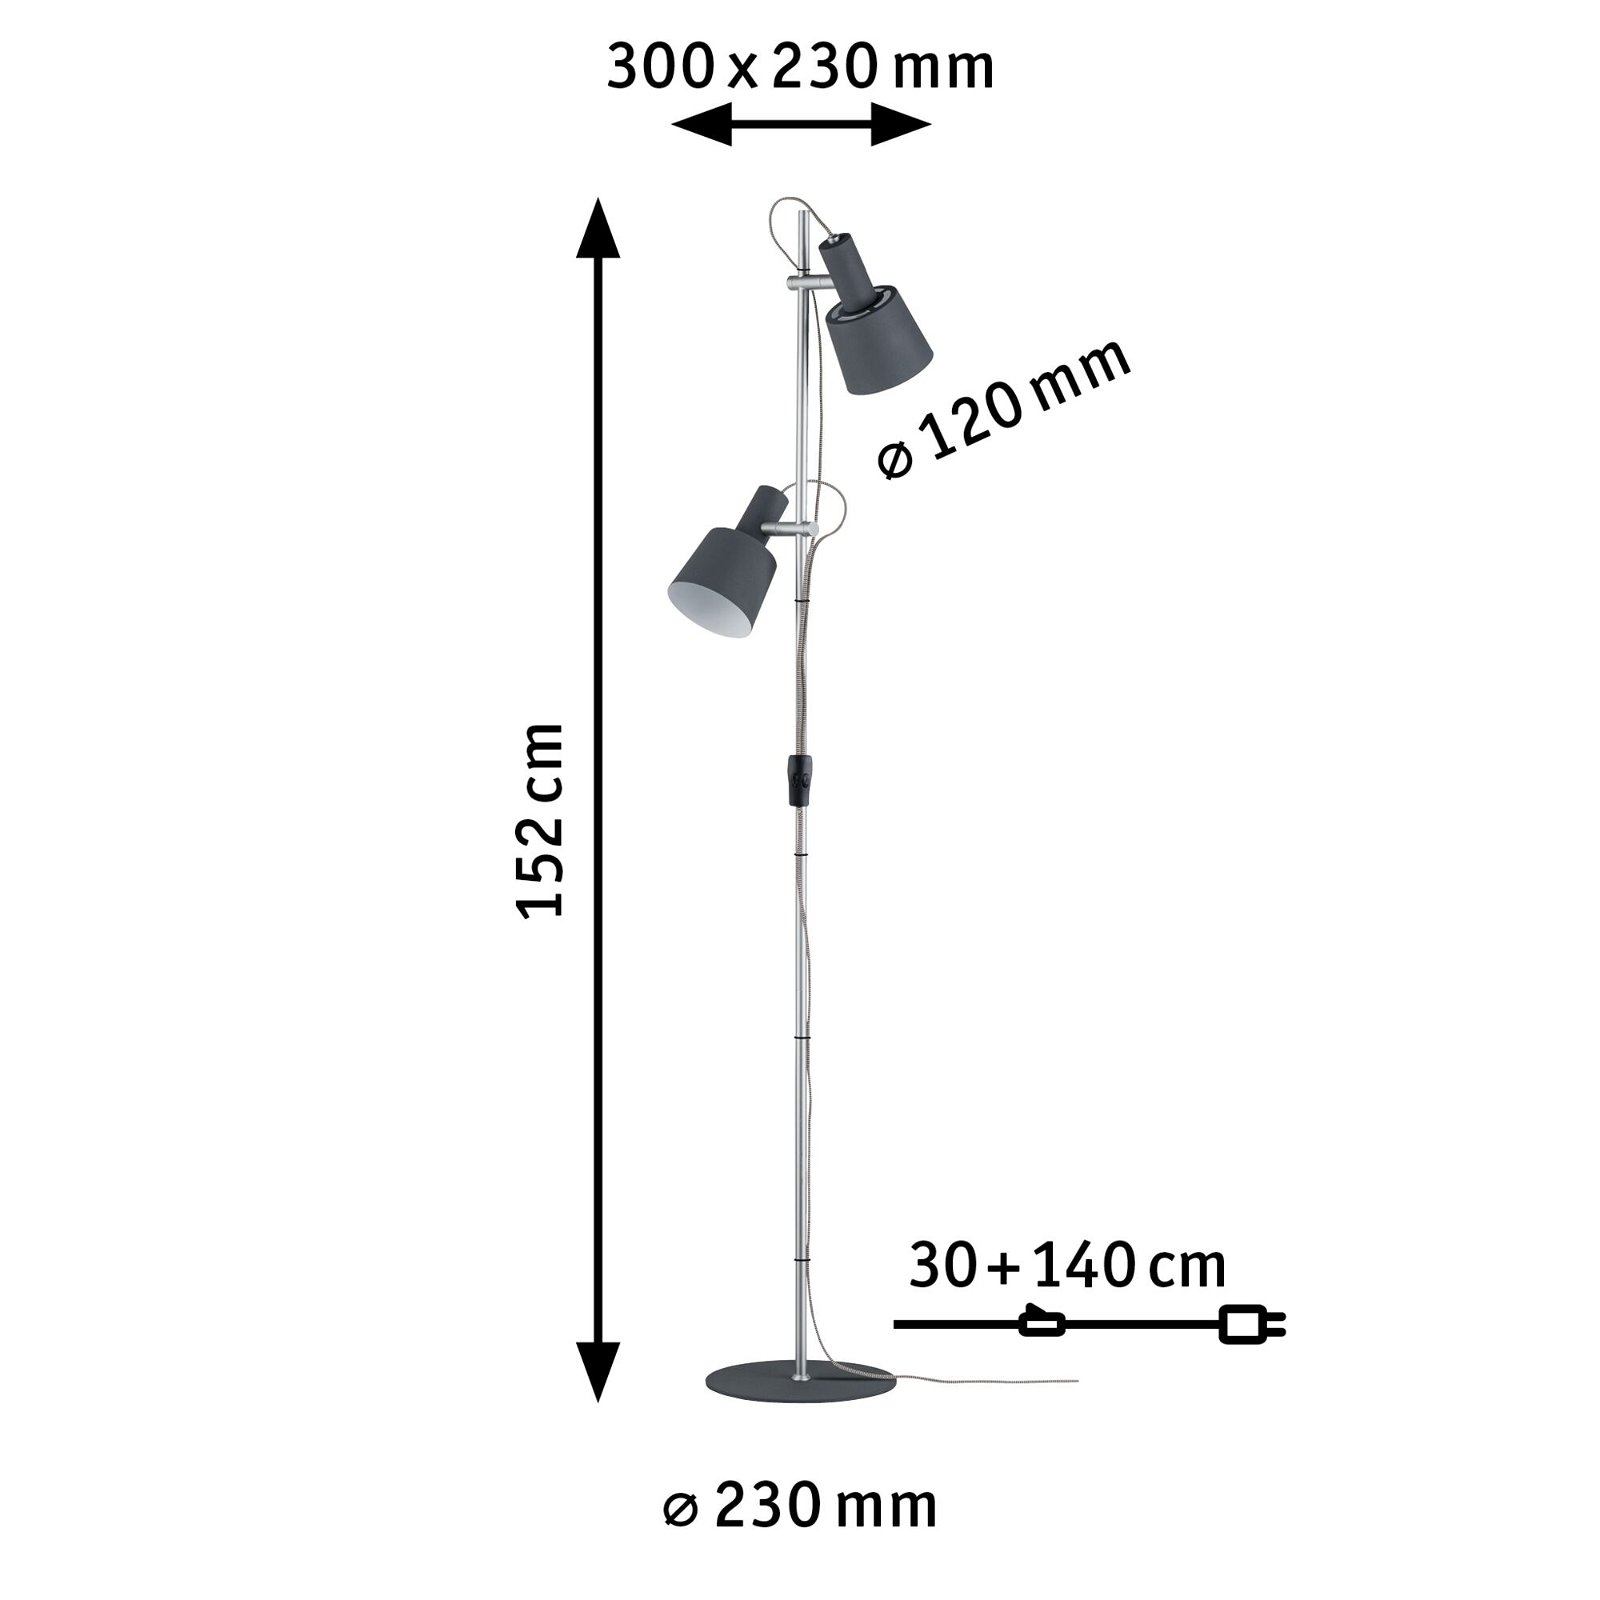 Neordic Lampadaire Haldar E14 max. 2x20W Gris foncé/Chrome mat Métal